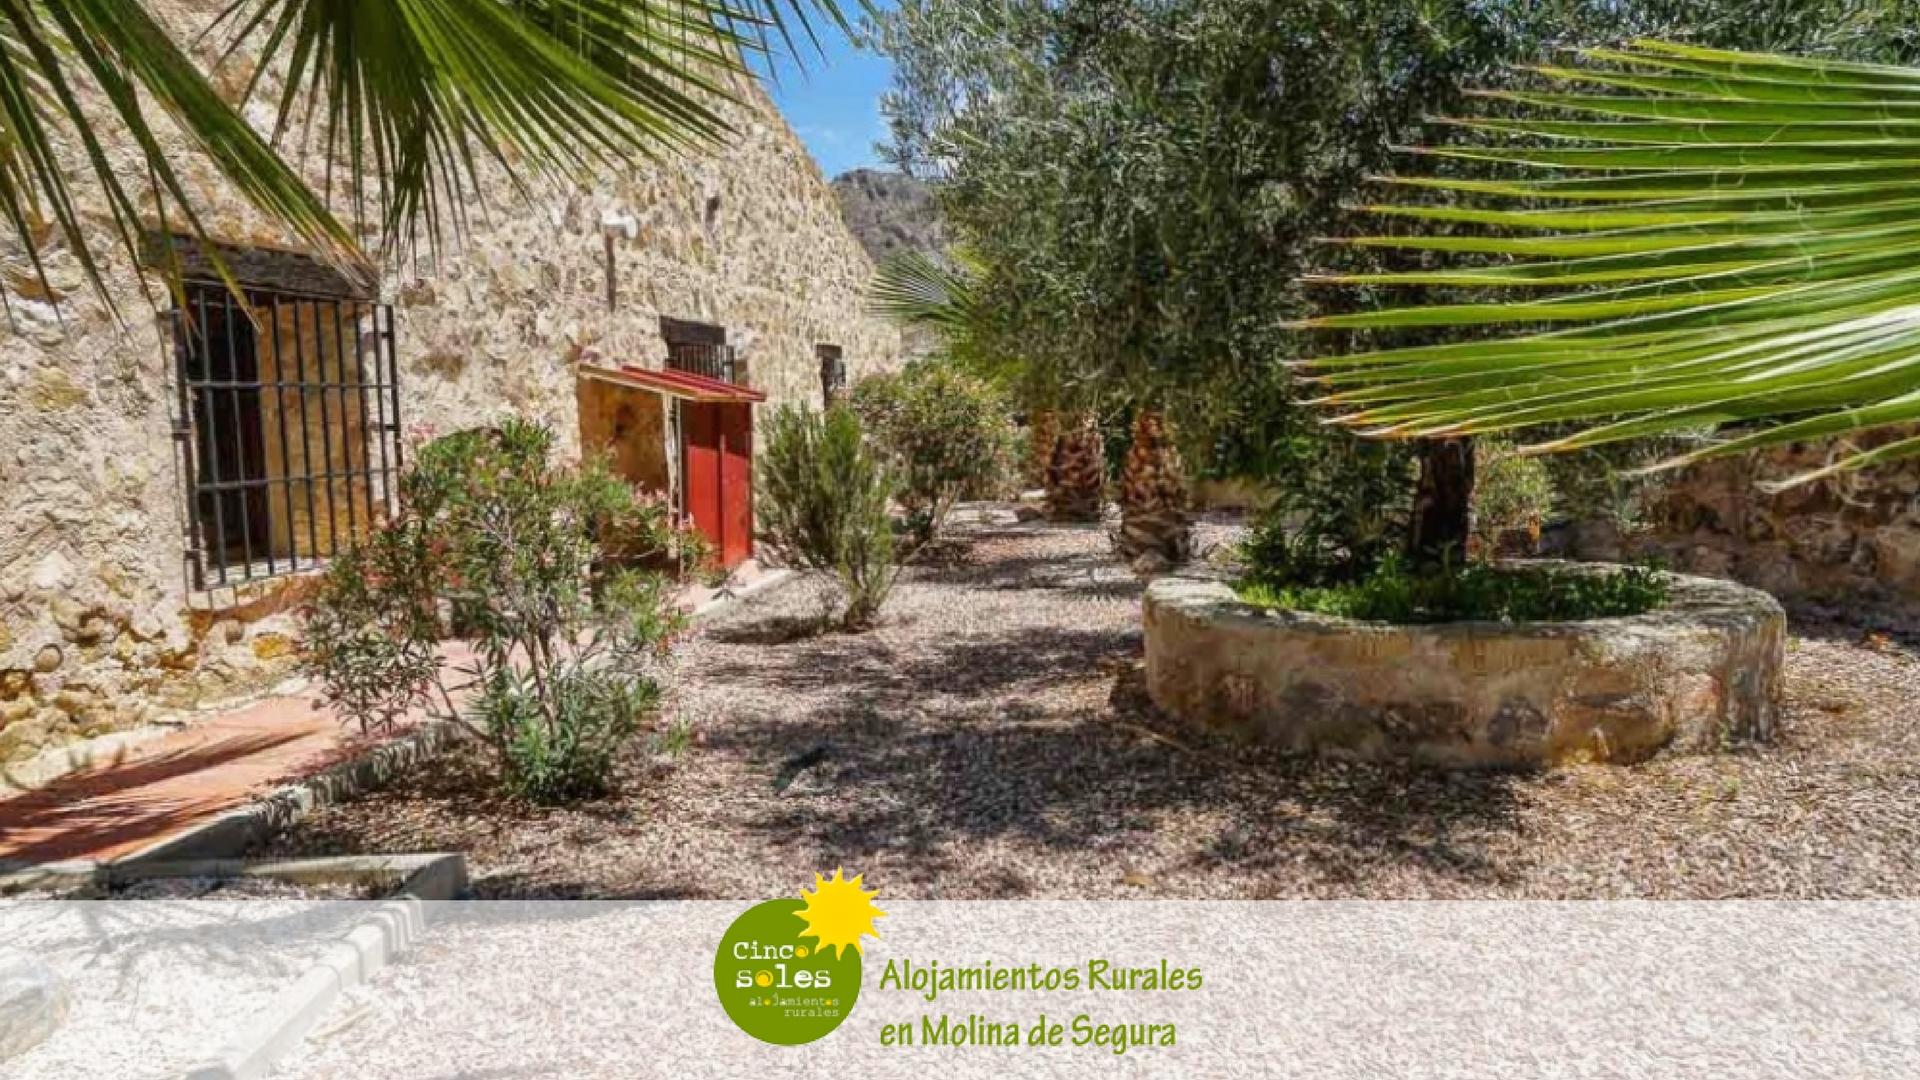 Murcia, uno de los destinos con los alojamientos rurales mas baratos 1920